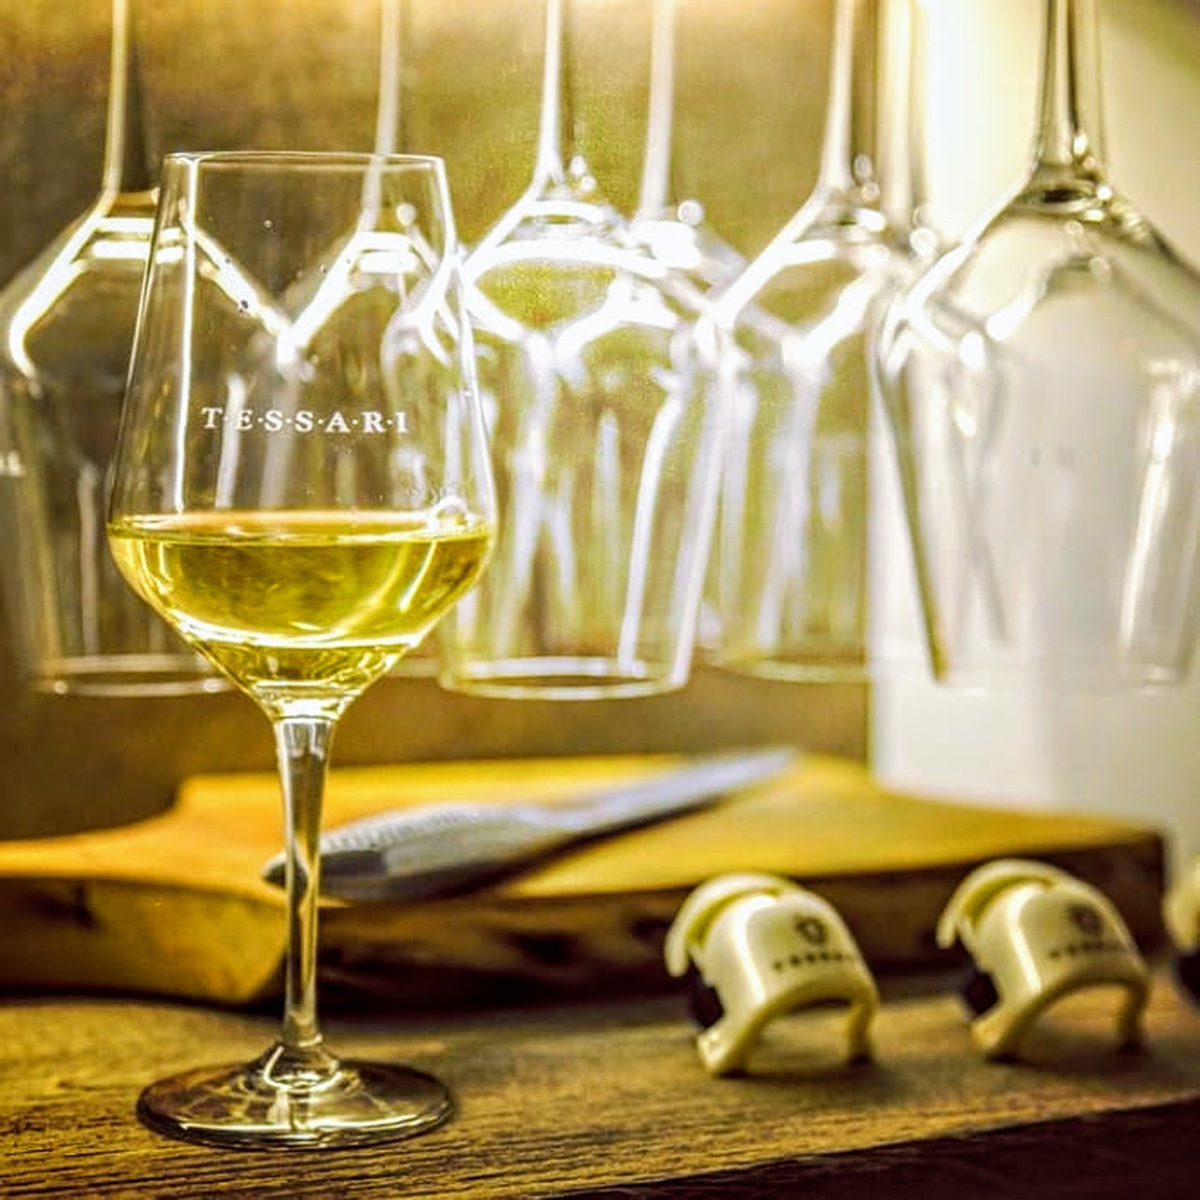 event-Cantina Tessari: Degustazione del Vino Veronese tra Tradizioni e Sapori (MATTINO)